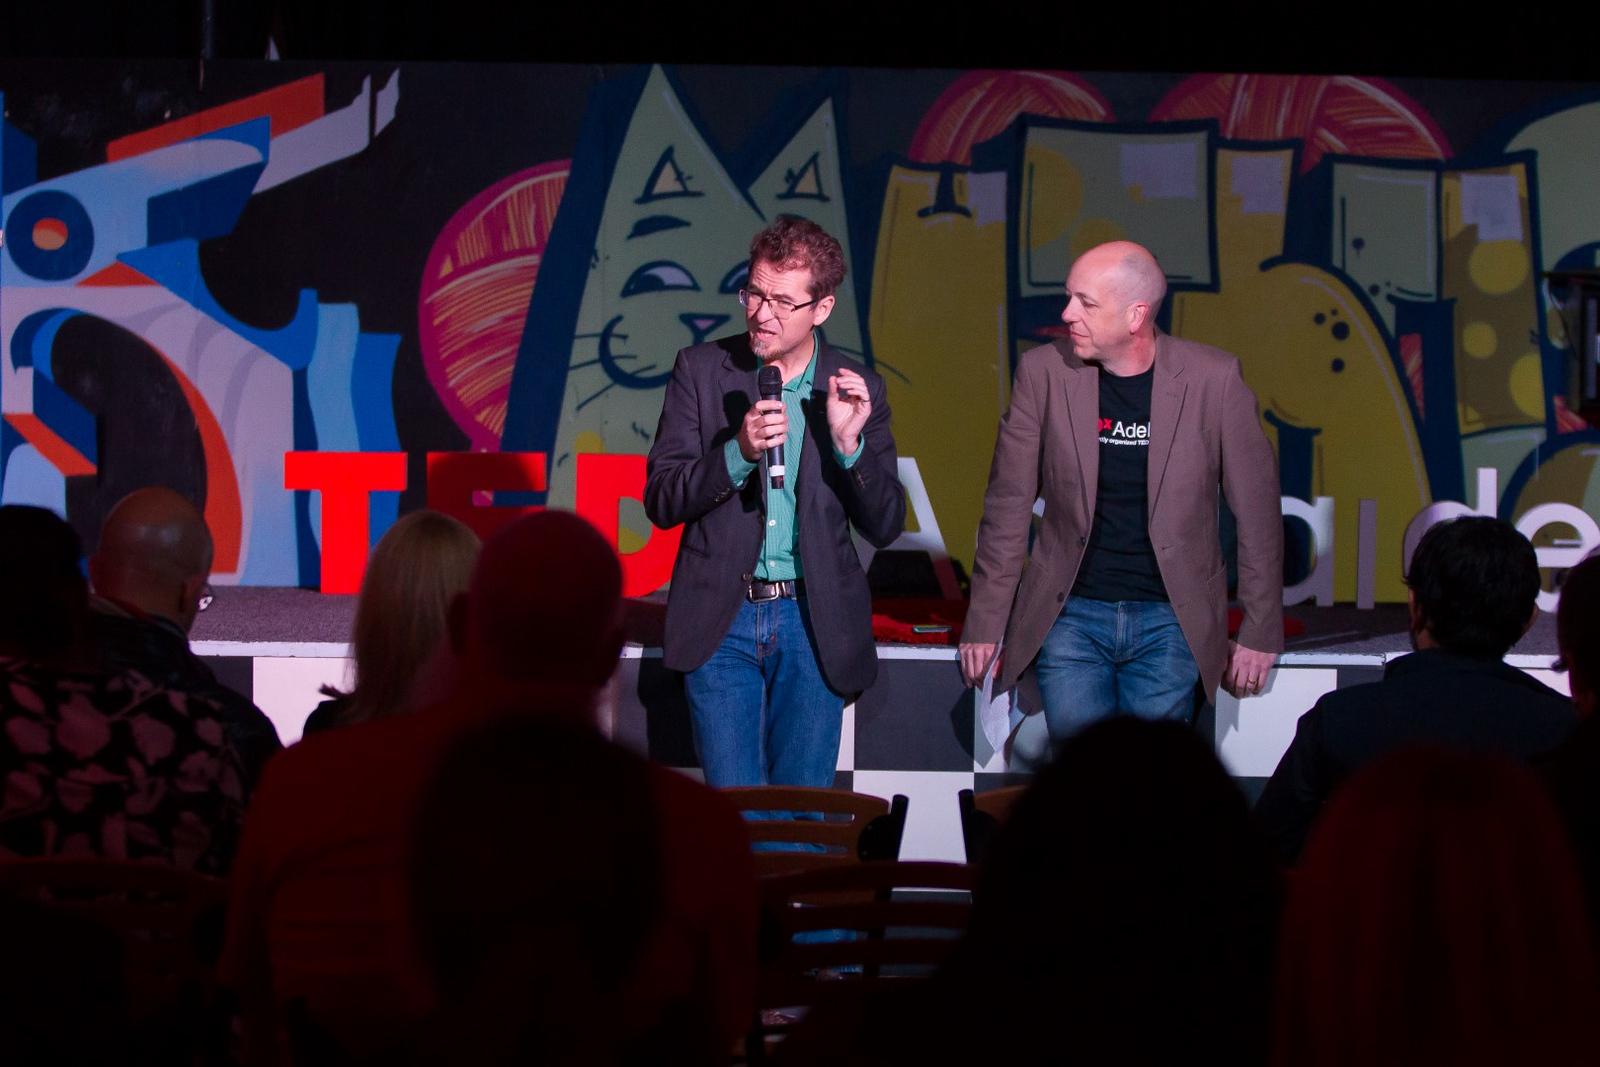 TEDxAdelaide-2017-Theme-Launch-7561